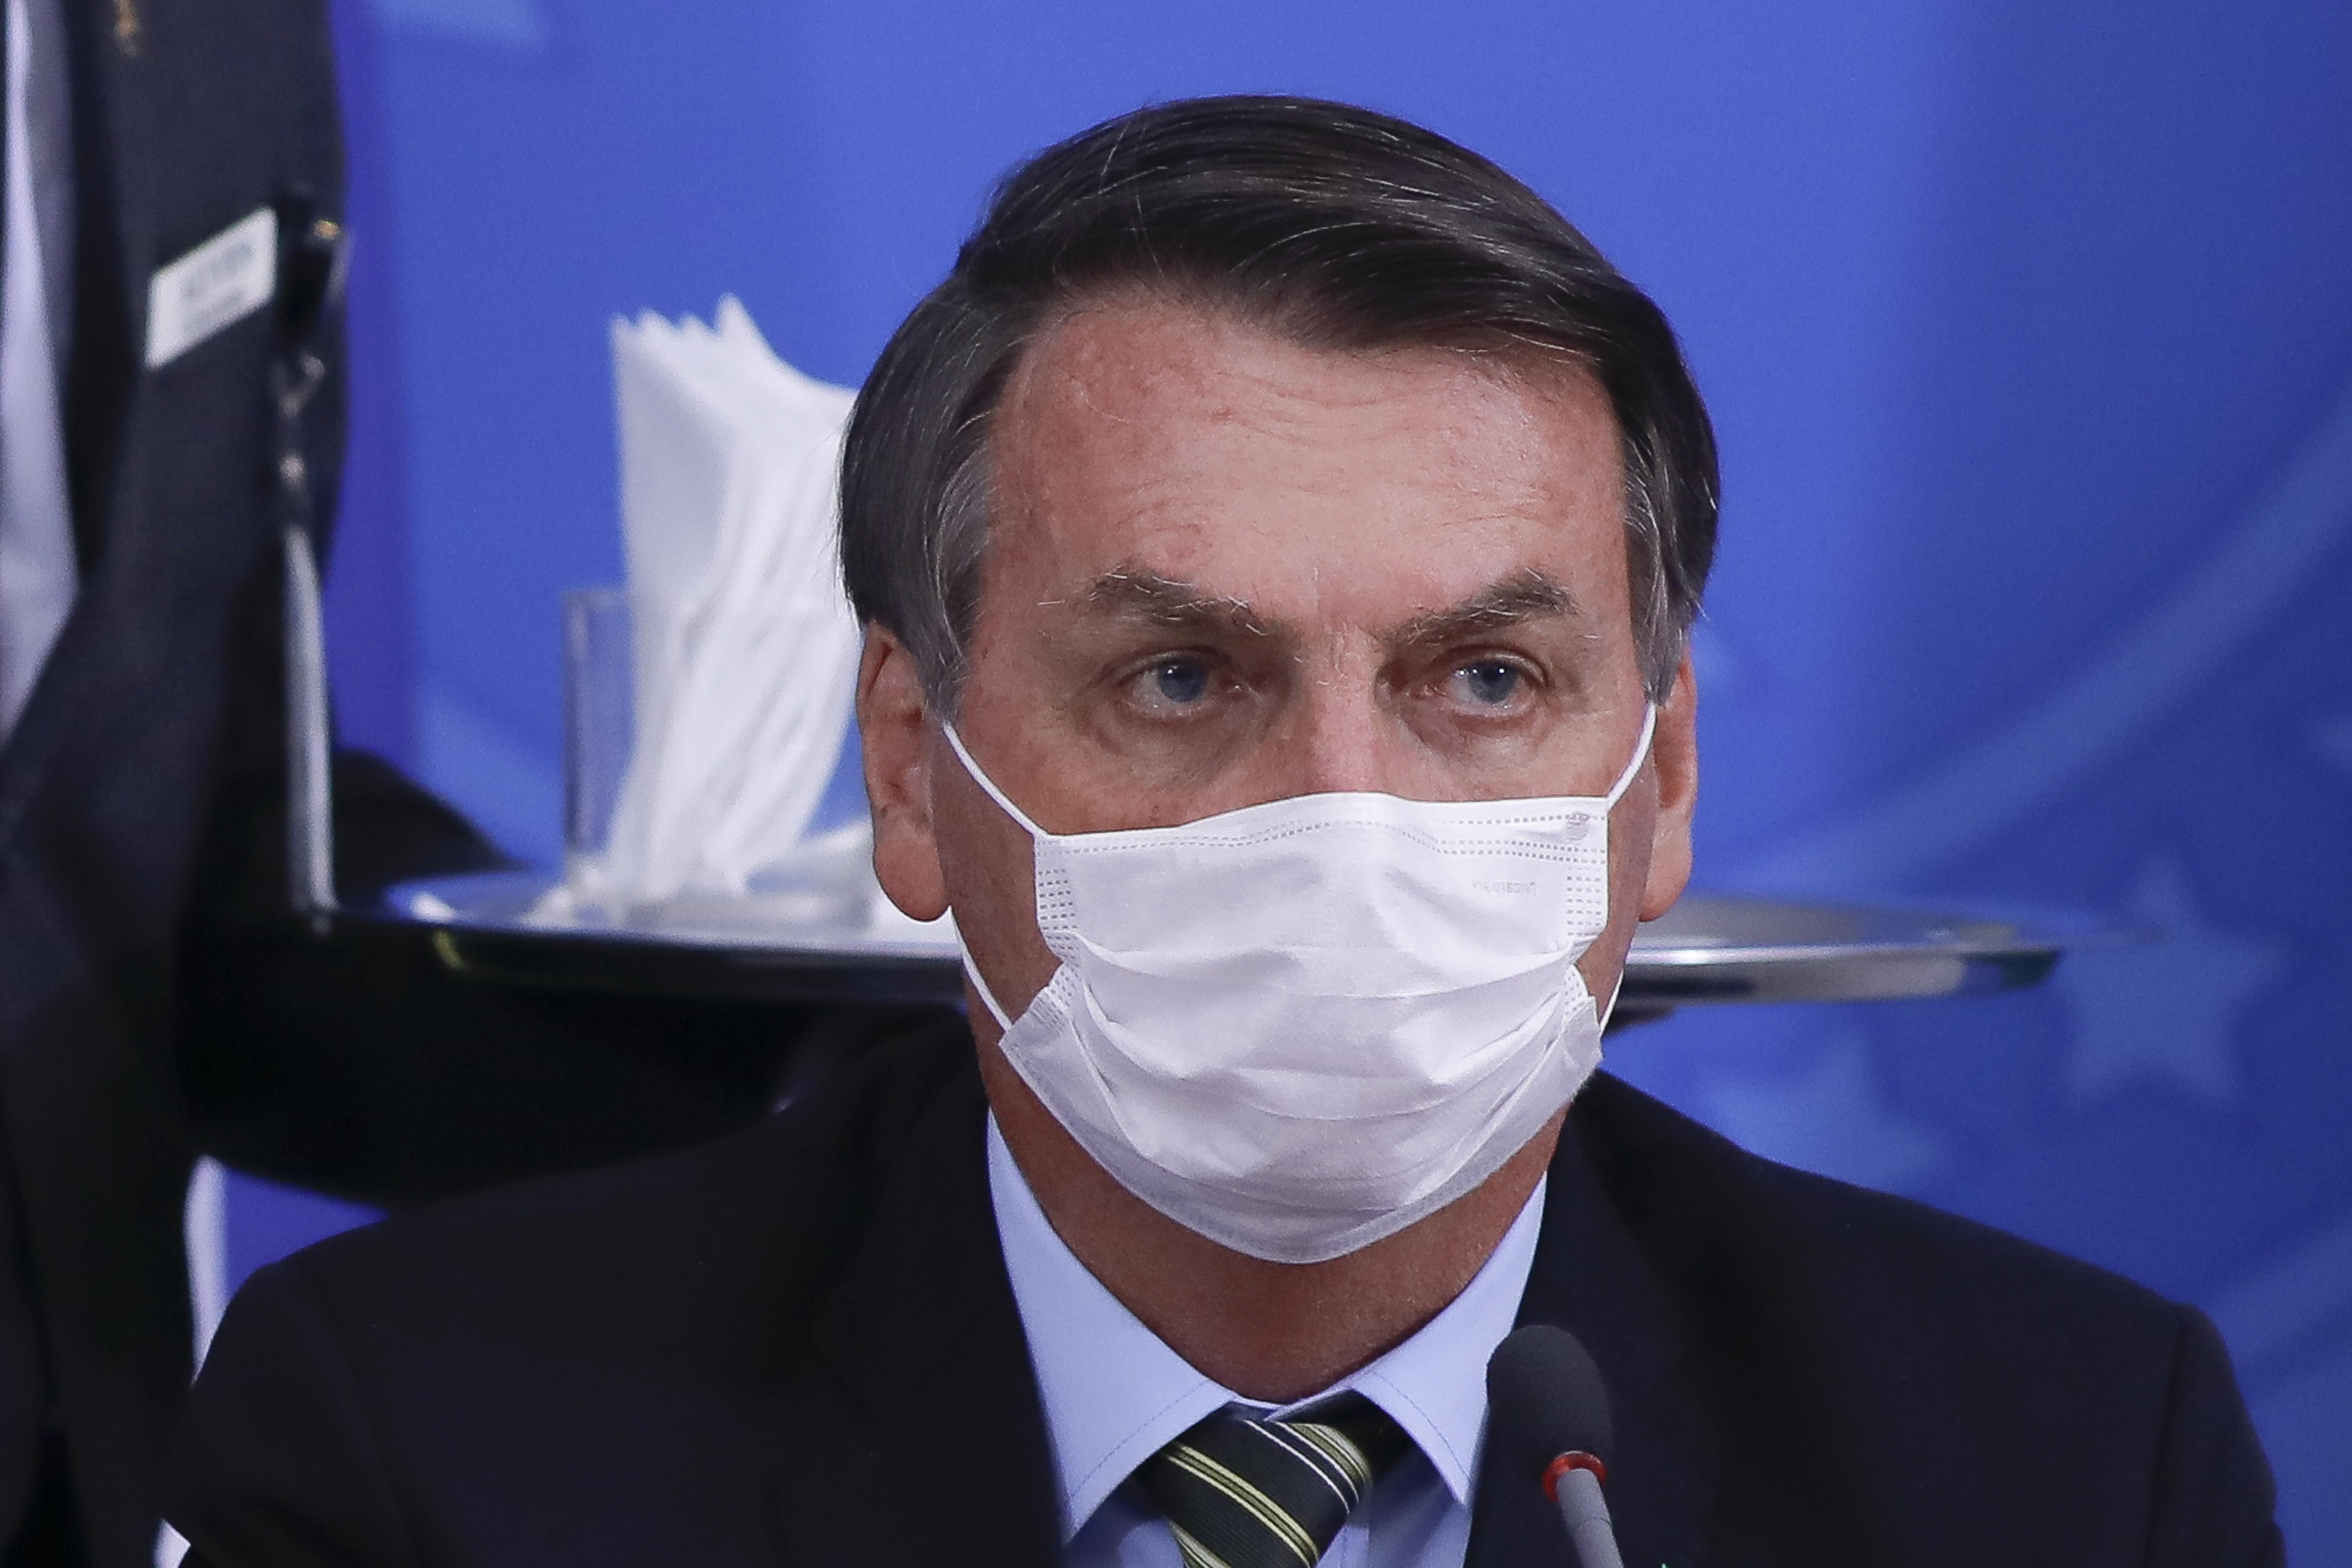 Egy brazil bíró elrendelte, hogy Bolsonarónak is szájmaszkot kell hordania nyilvános helyeken